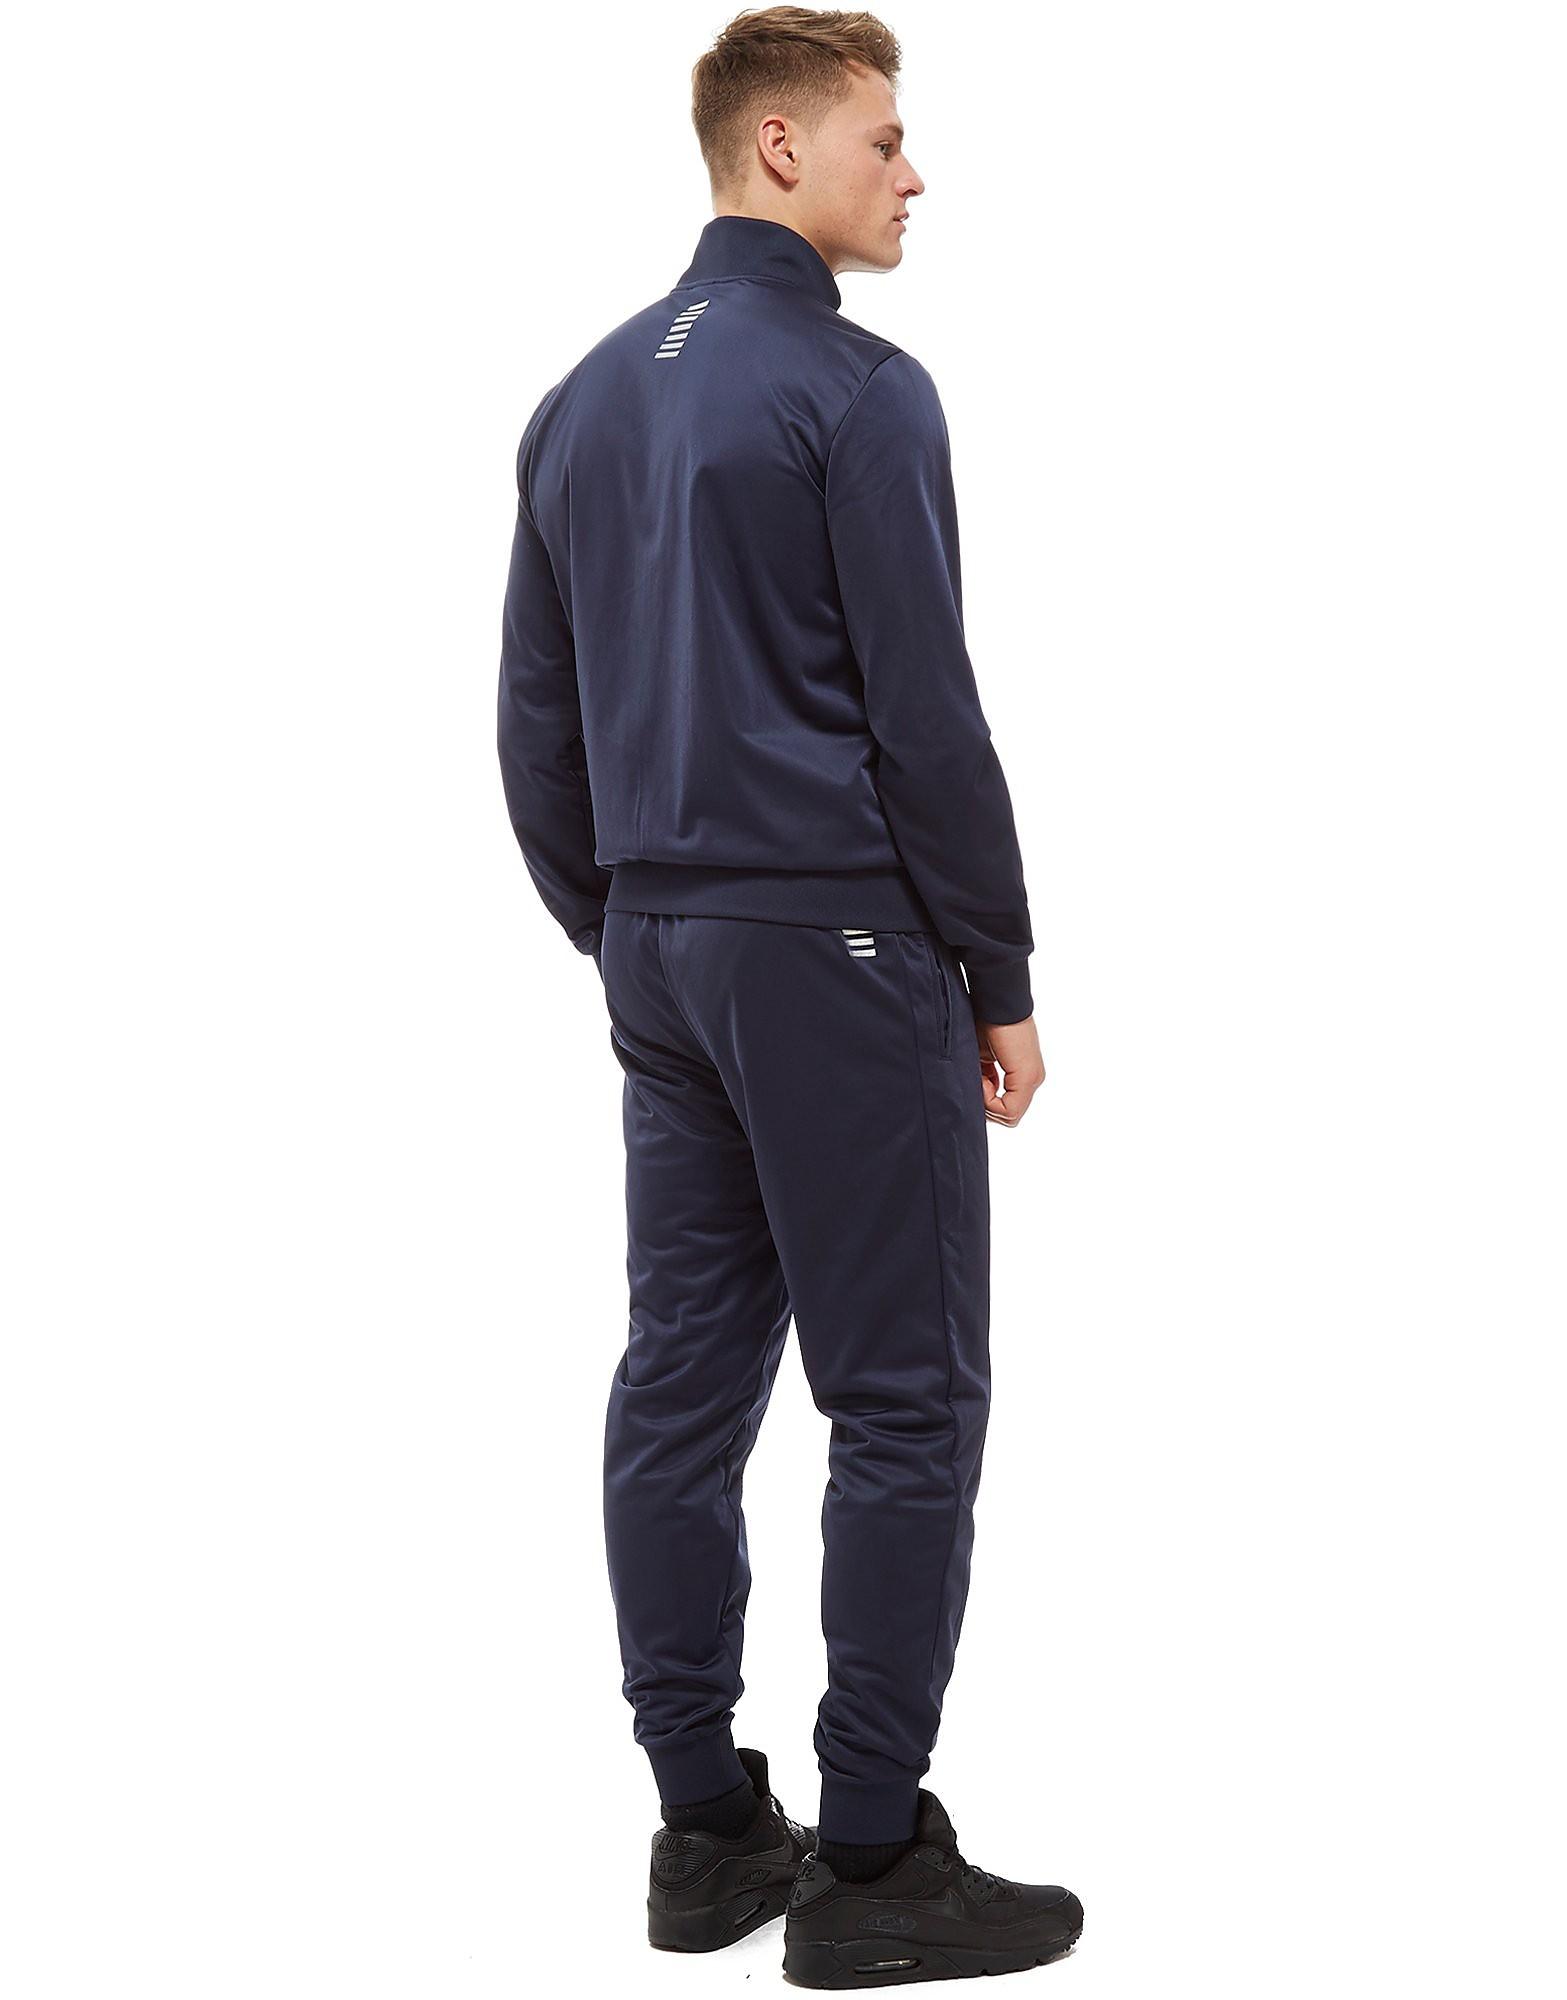 Emporio Armani EA7 Core Poly Tricot Suit